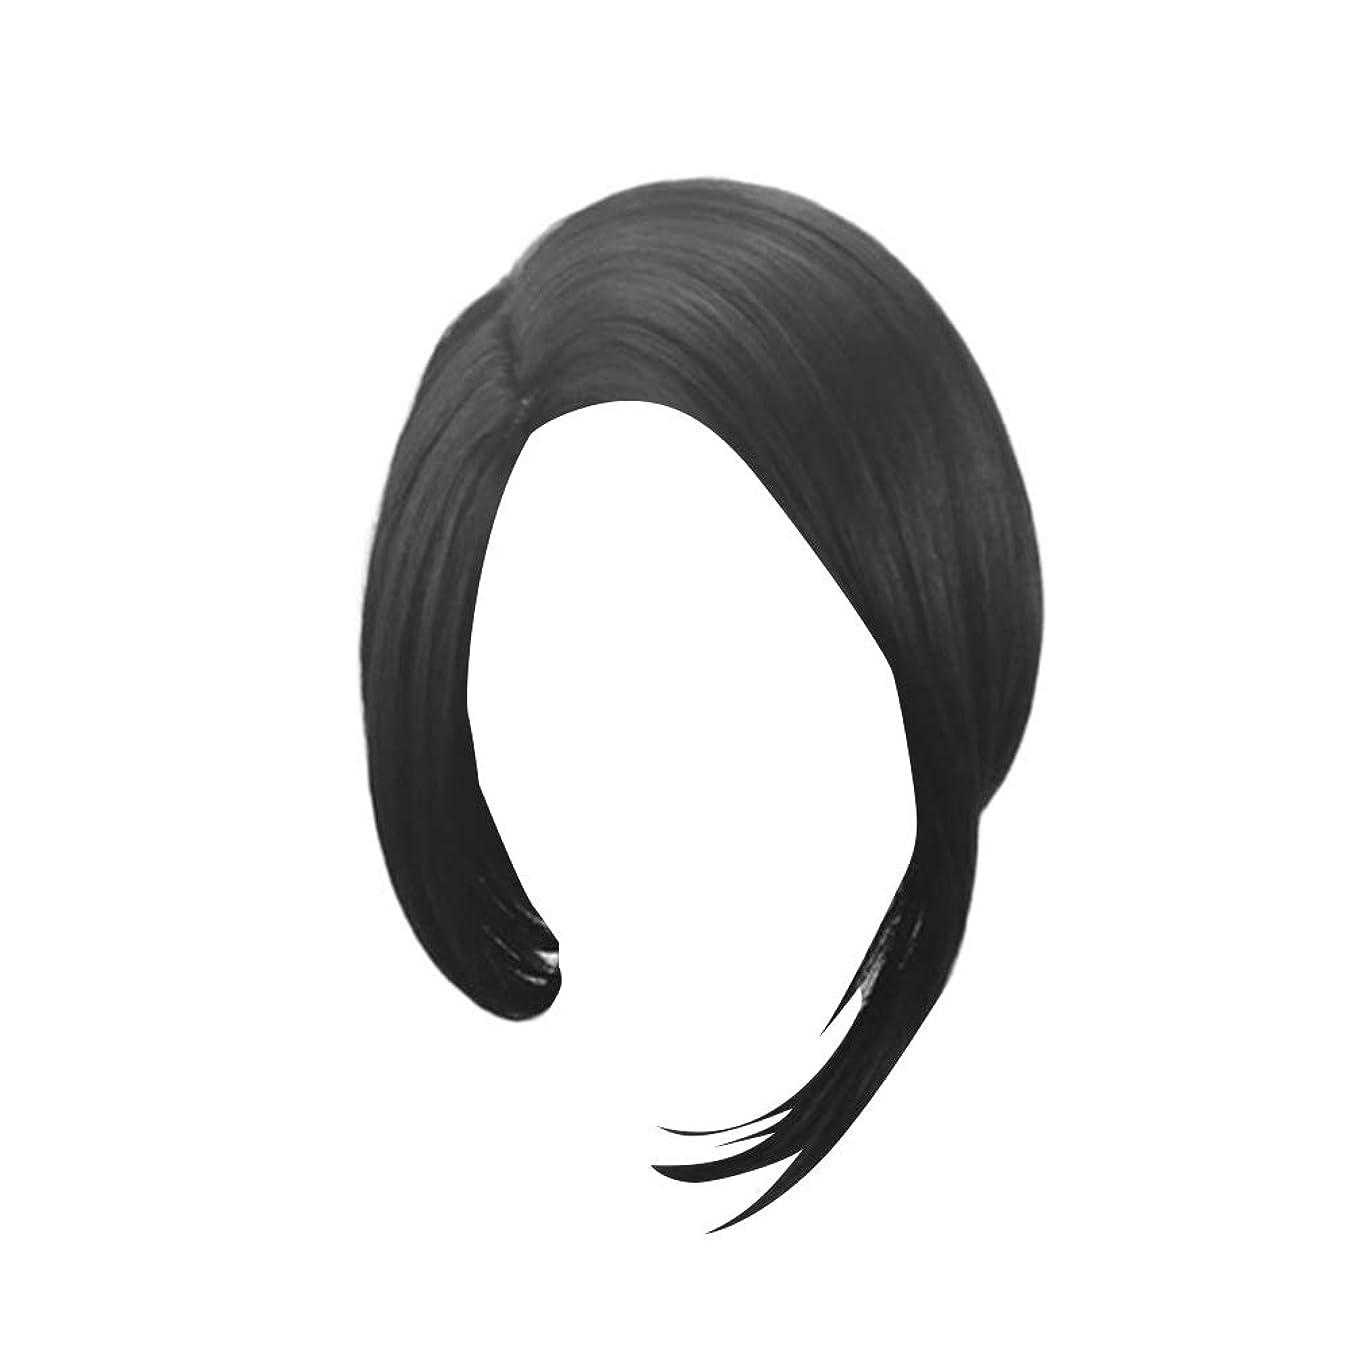 参照するプレゼント茎LURROSE 毎日のコスプレパーティーのための人工毛ショートブラックストレートウィッグボブヘア